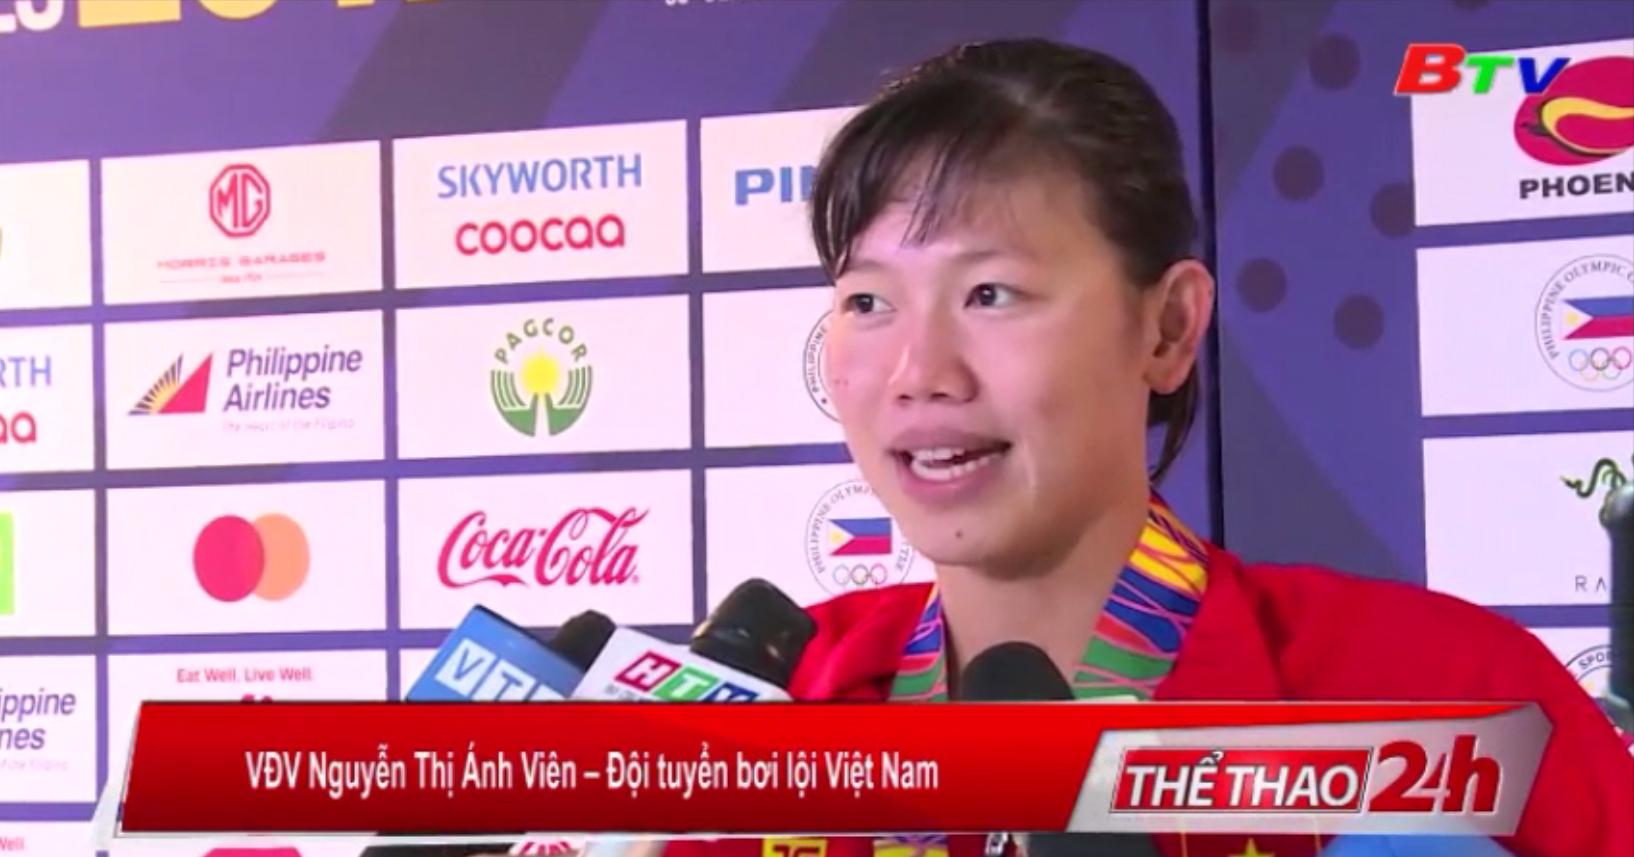 Ánh Viên và đội tuyển bơi Việt Nam hoàn thành xuất sắc nhiệm vụ tại SEA Games 30